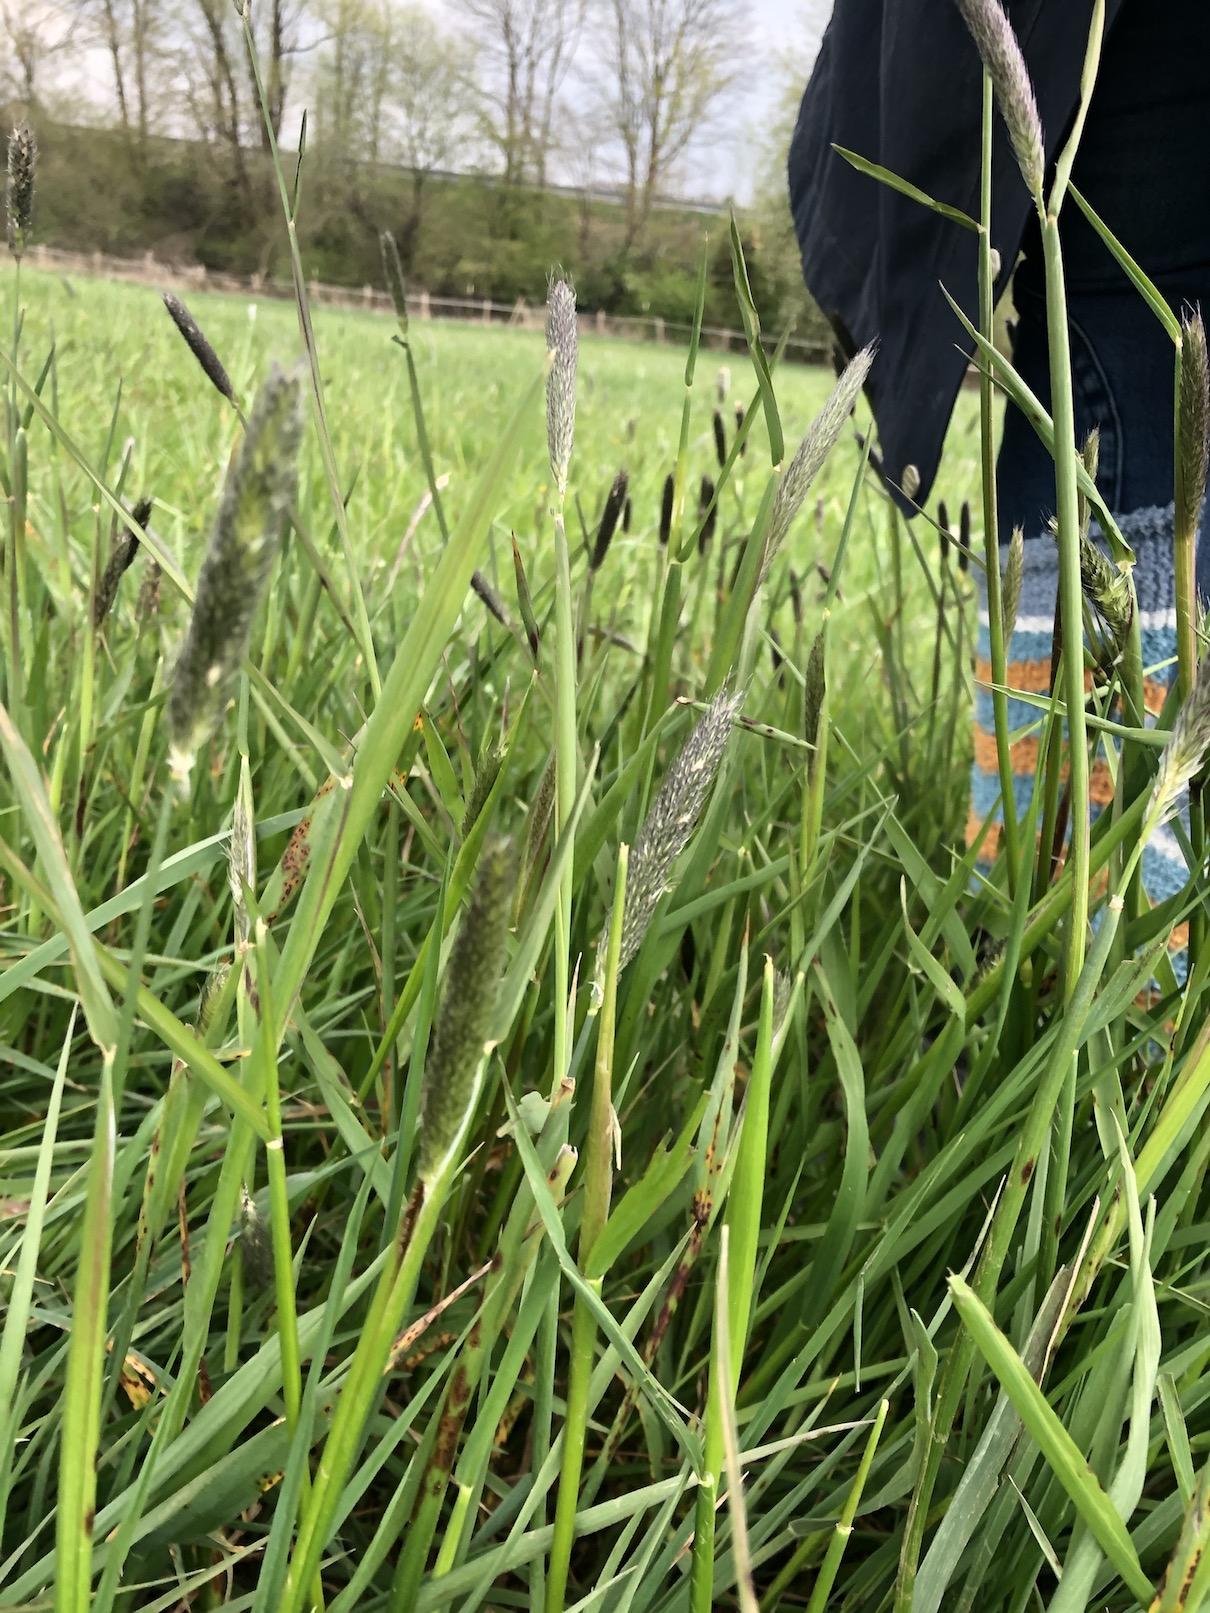 Kniehohes Gras im Vordergrund, Merkmal für gutes Pferdefutter.